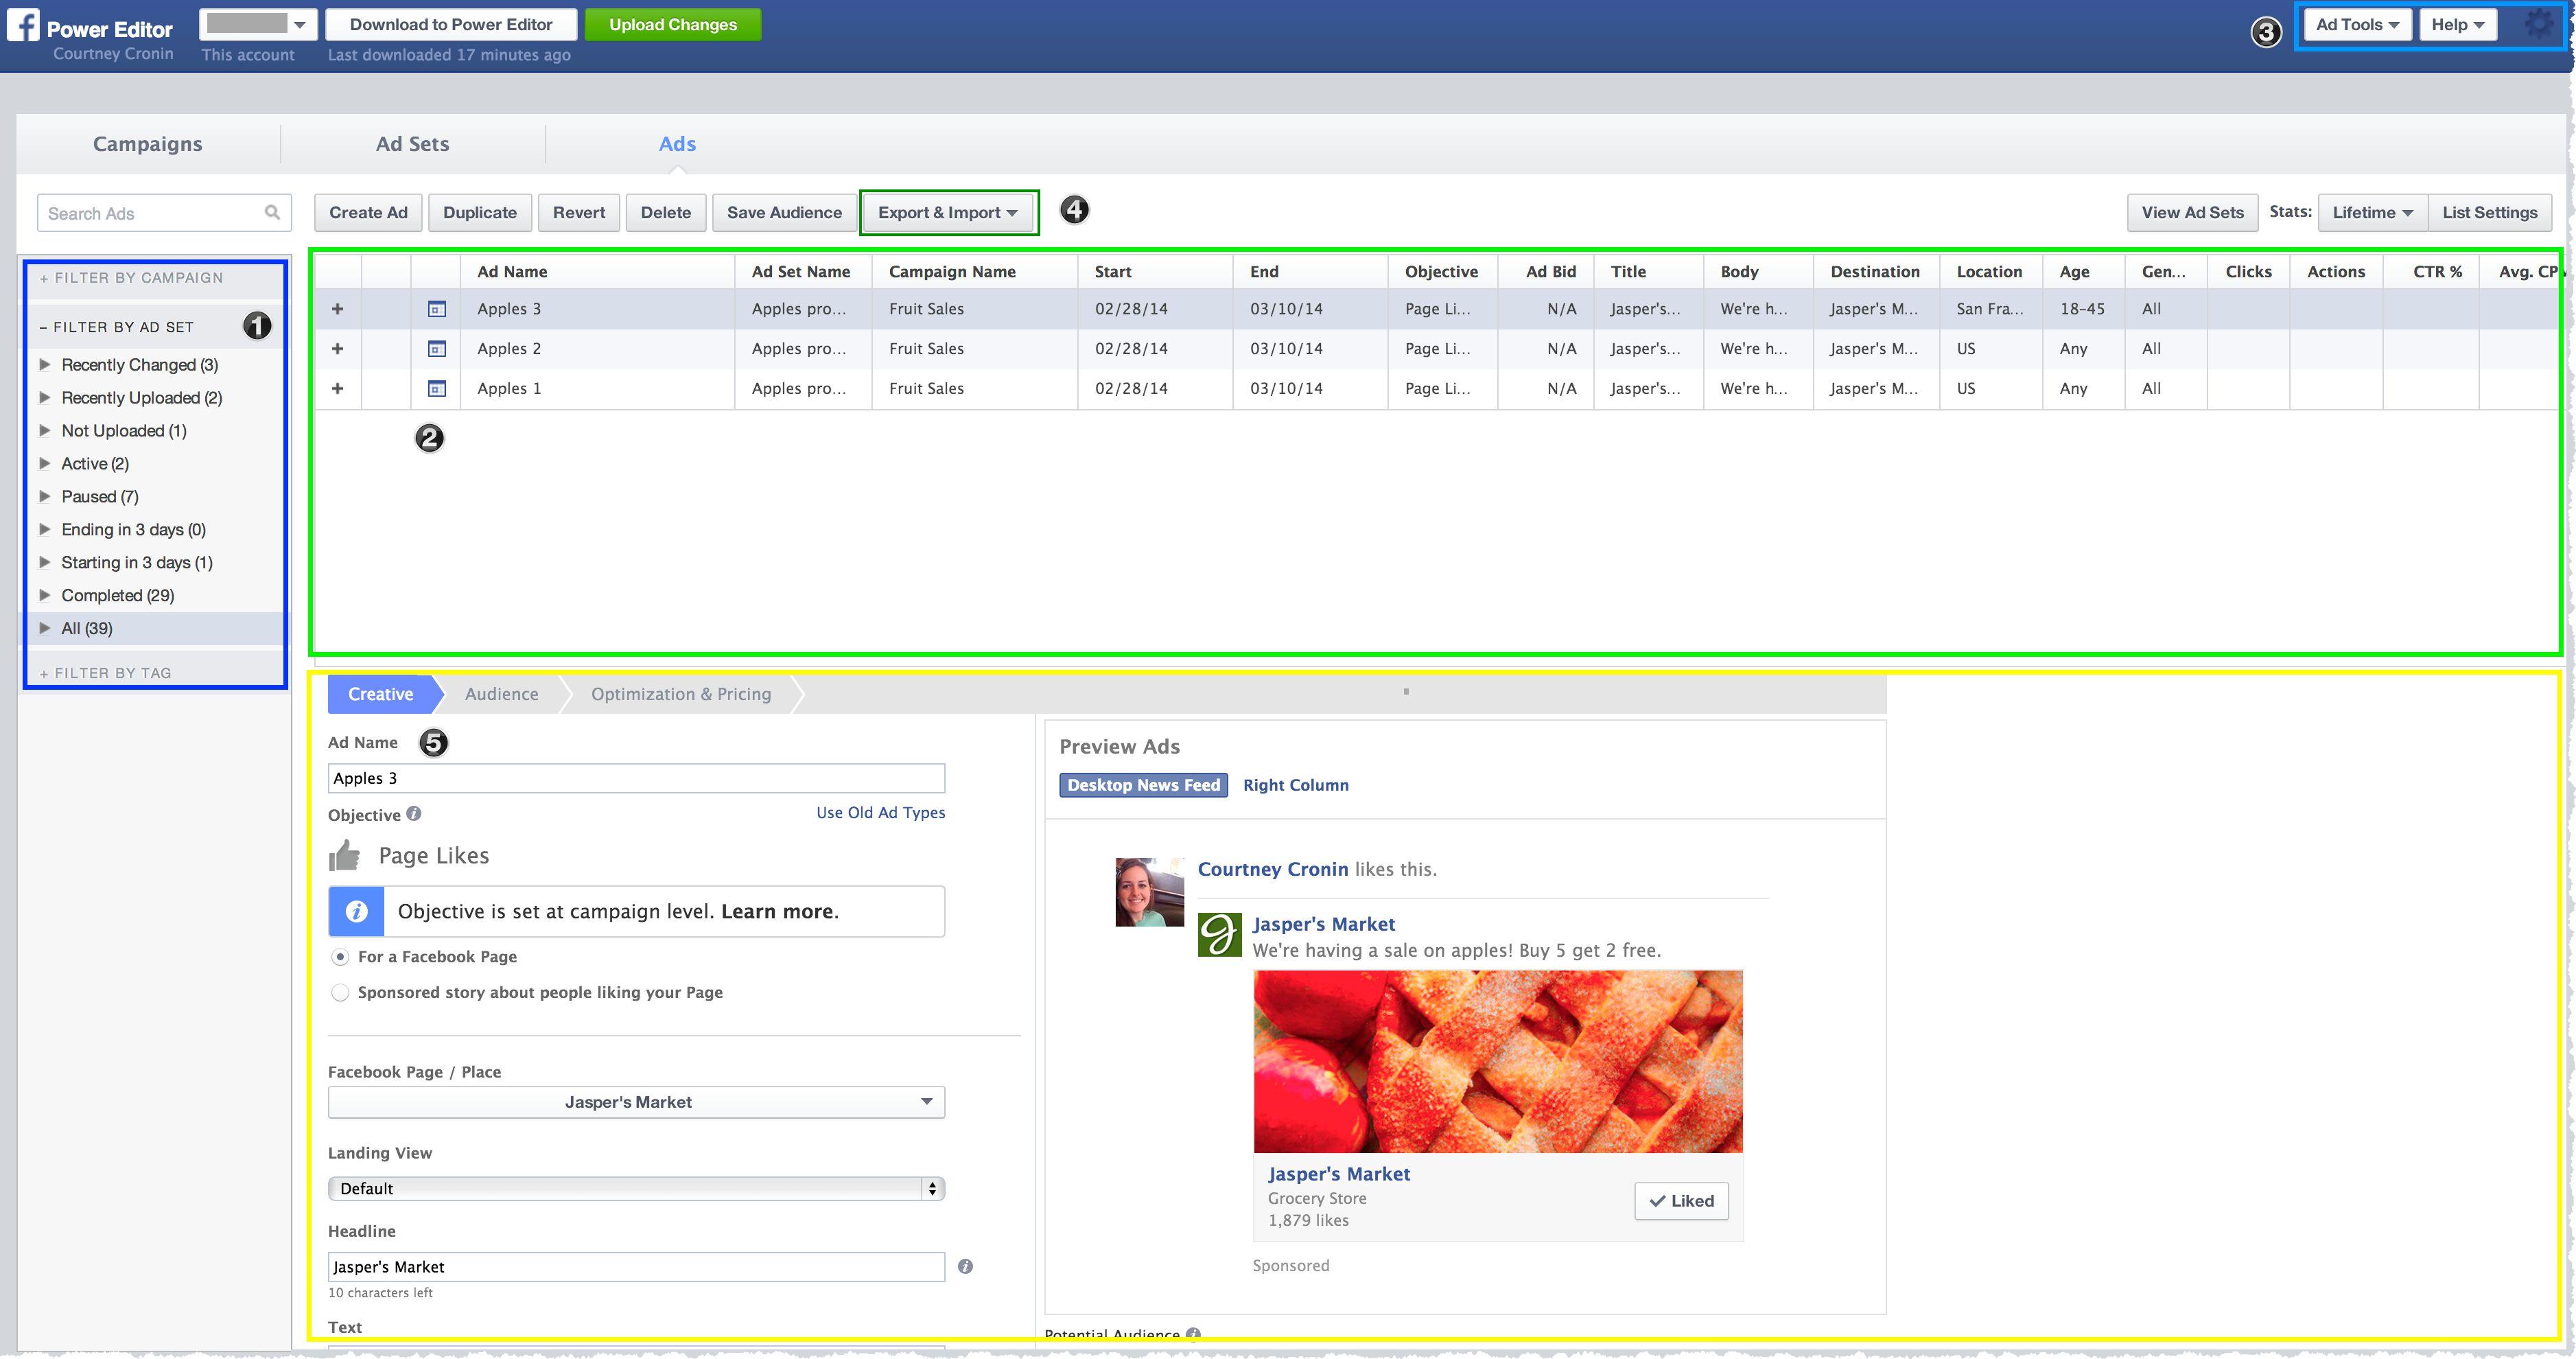 gz2puntoceor-power-editor-facebook-1